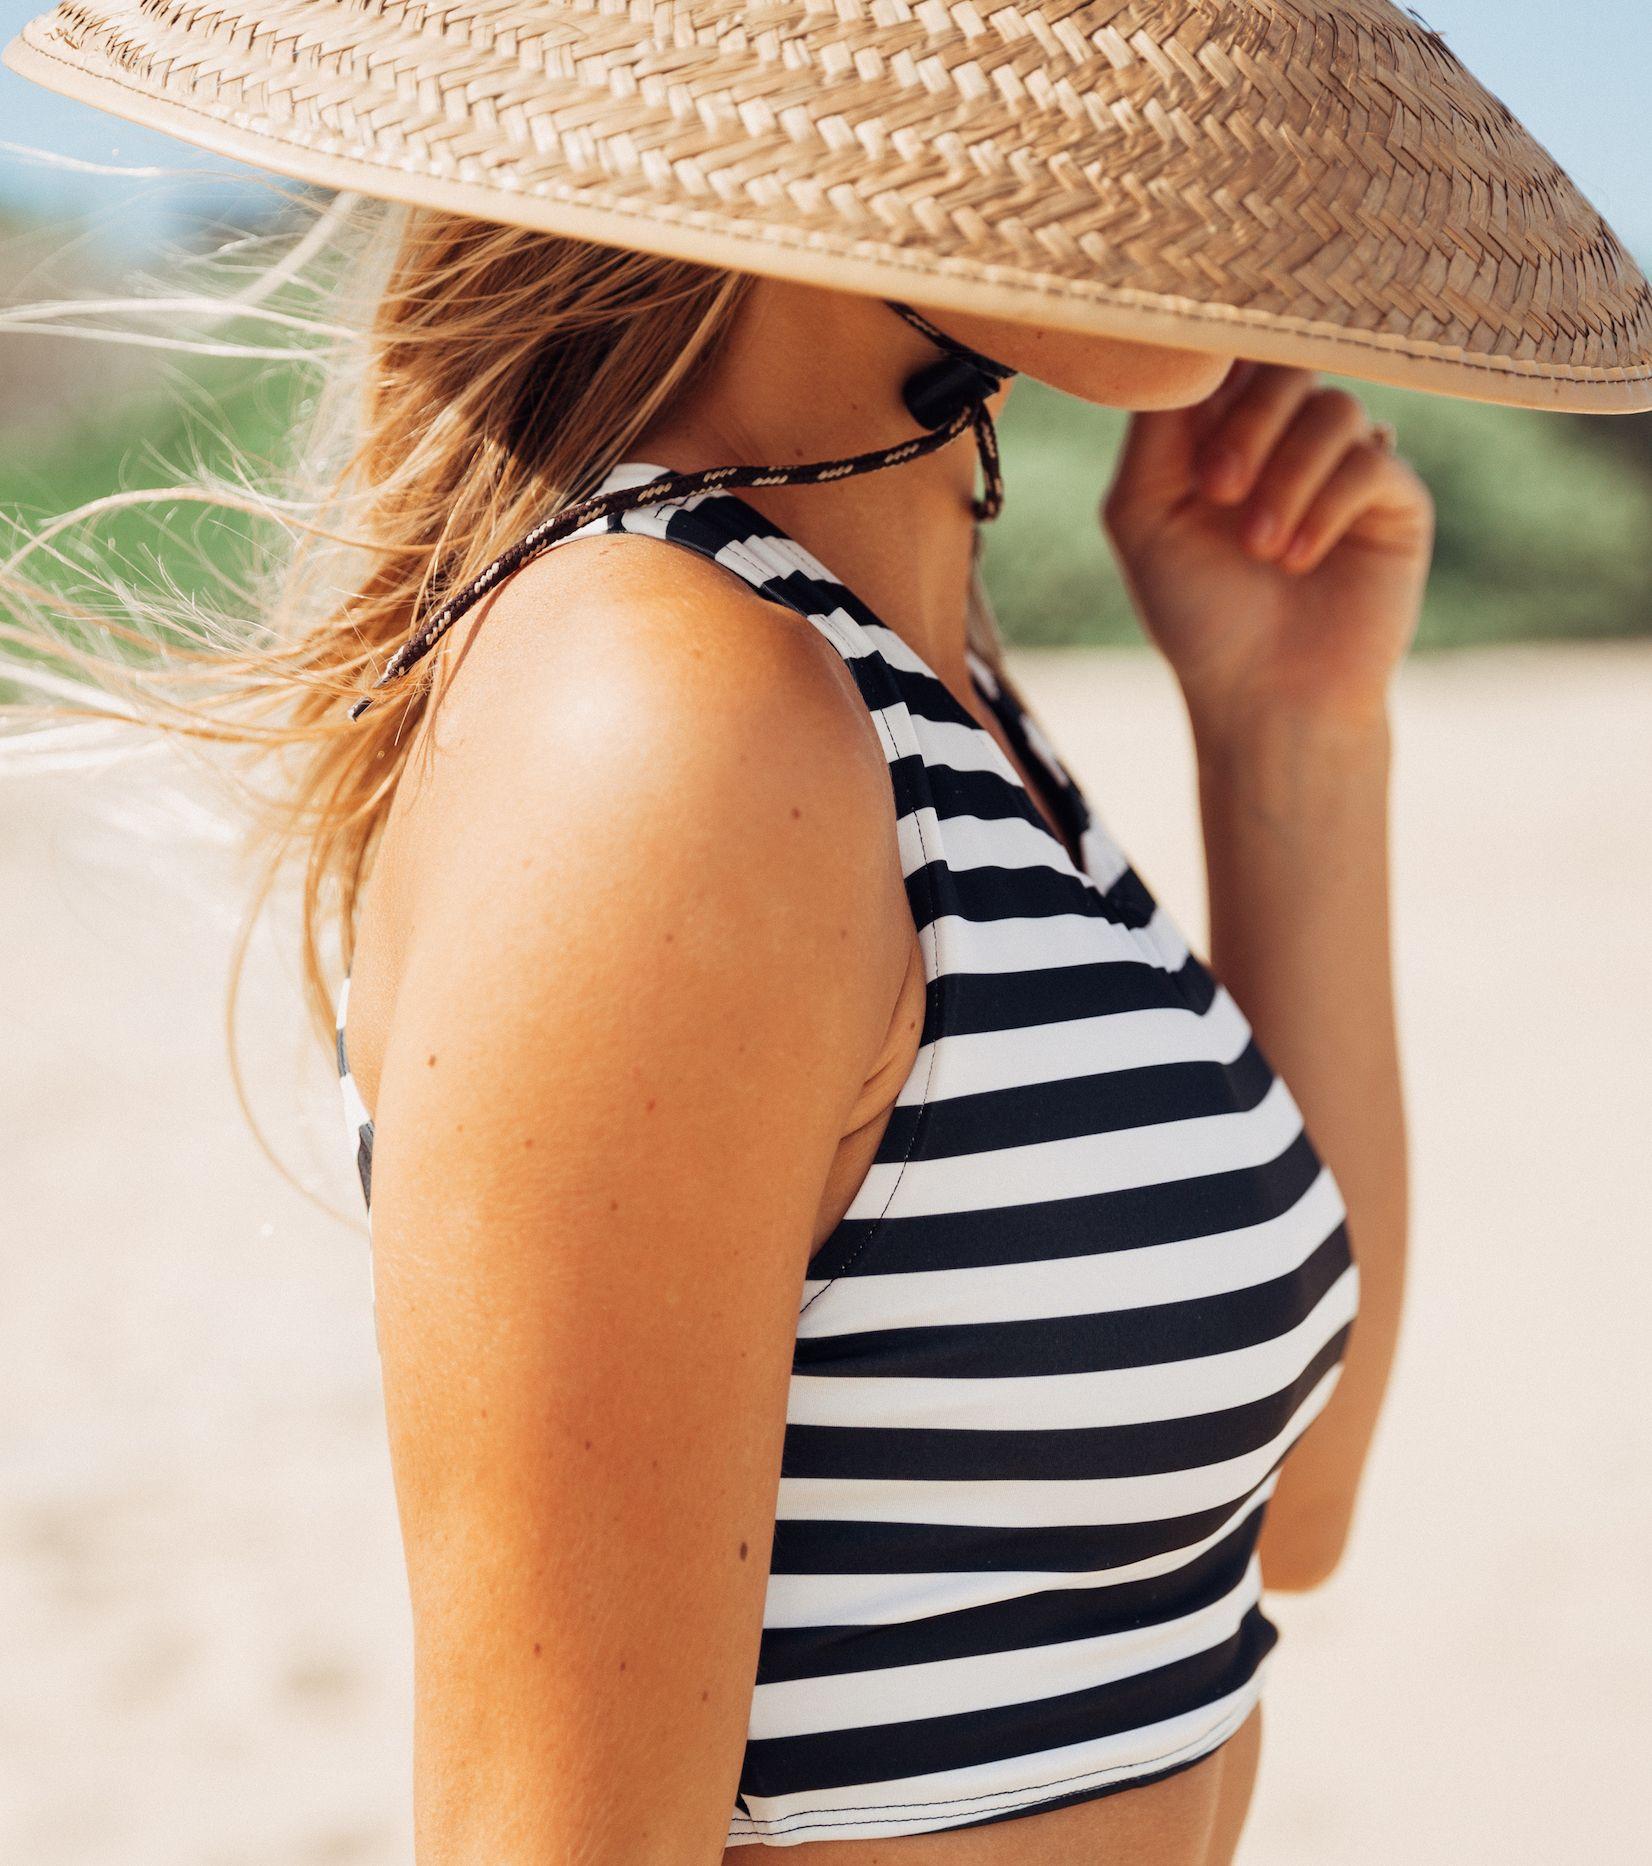 Hang ten bikini